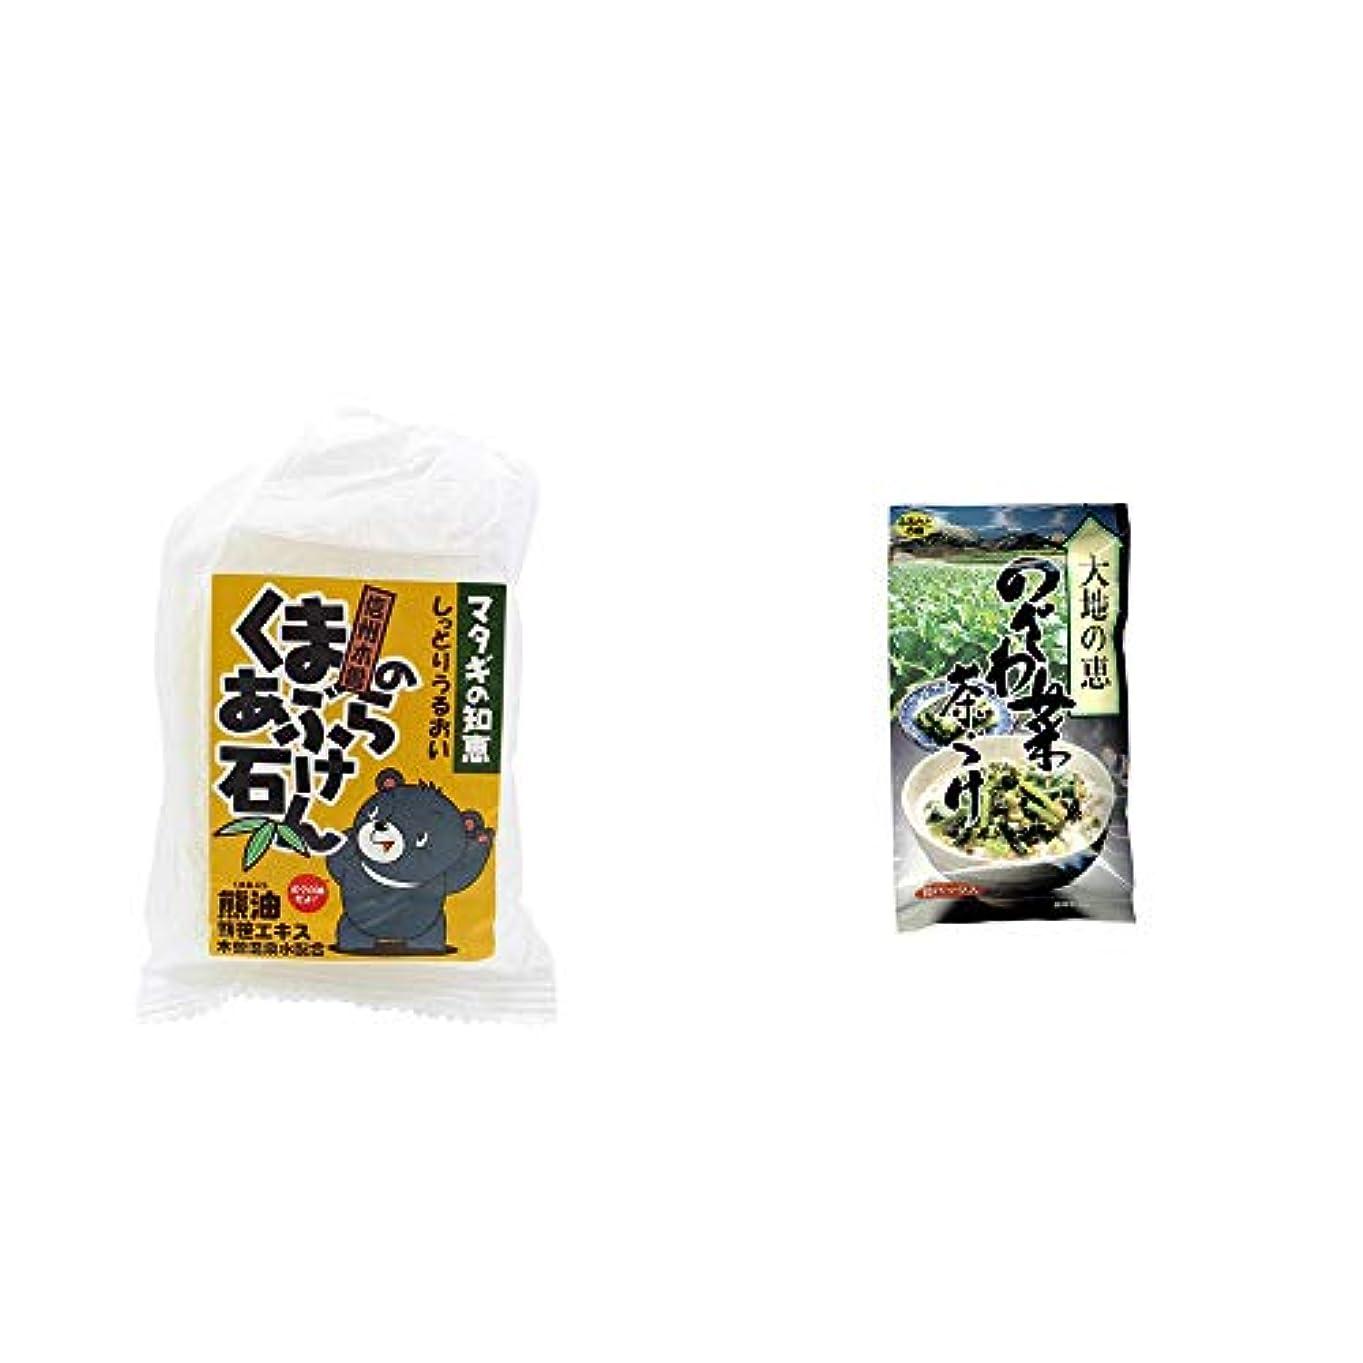 [2点セット] 信州木曽 くまのあぶら石けん(80g)?特選茶漬け 大地の恵 のざわ菜茶づけ(10袋入)